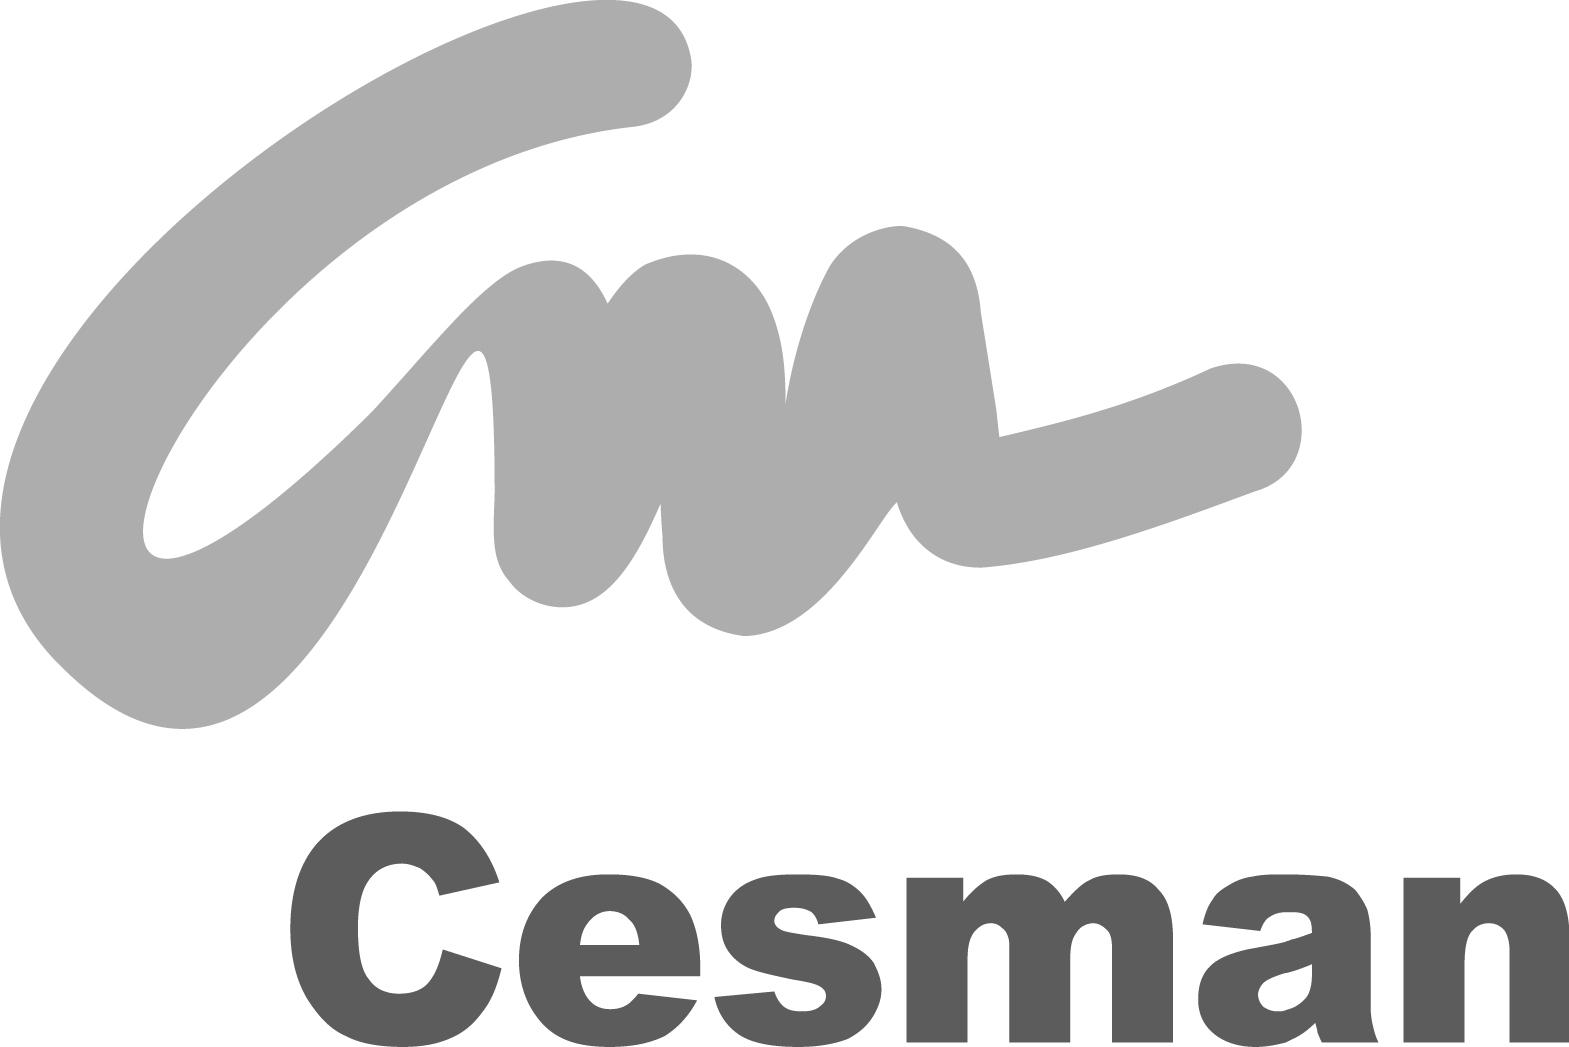 Cesman